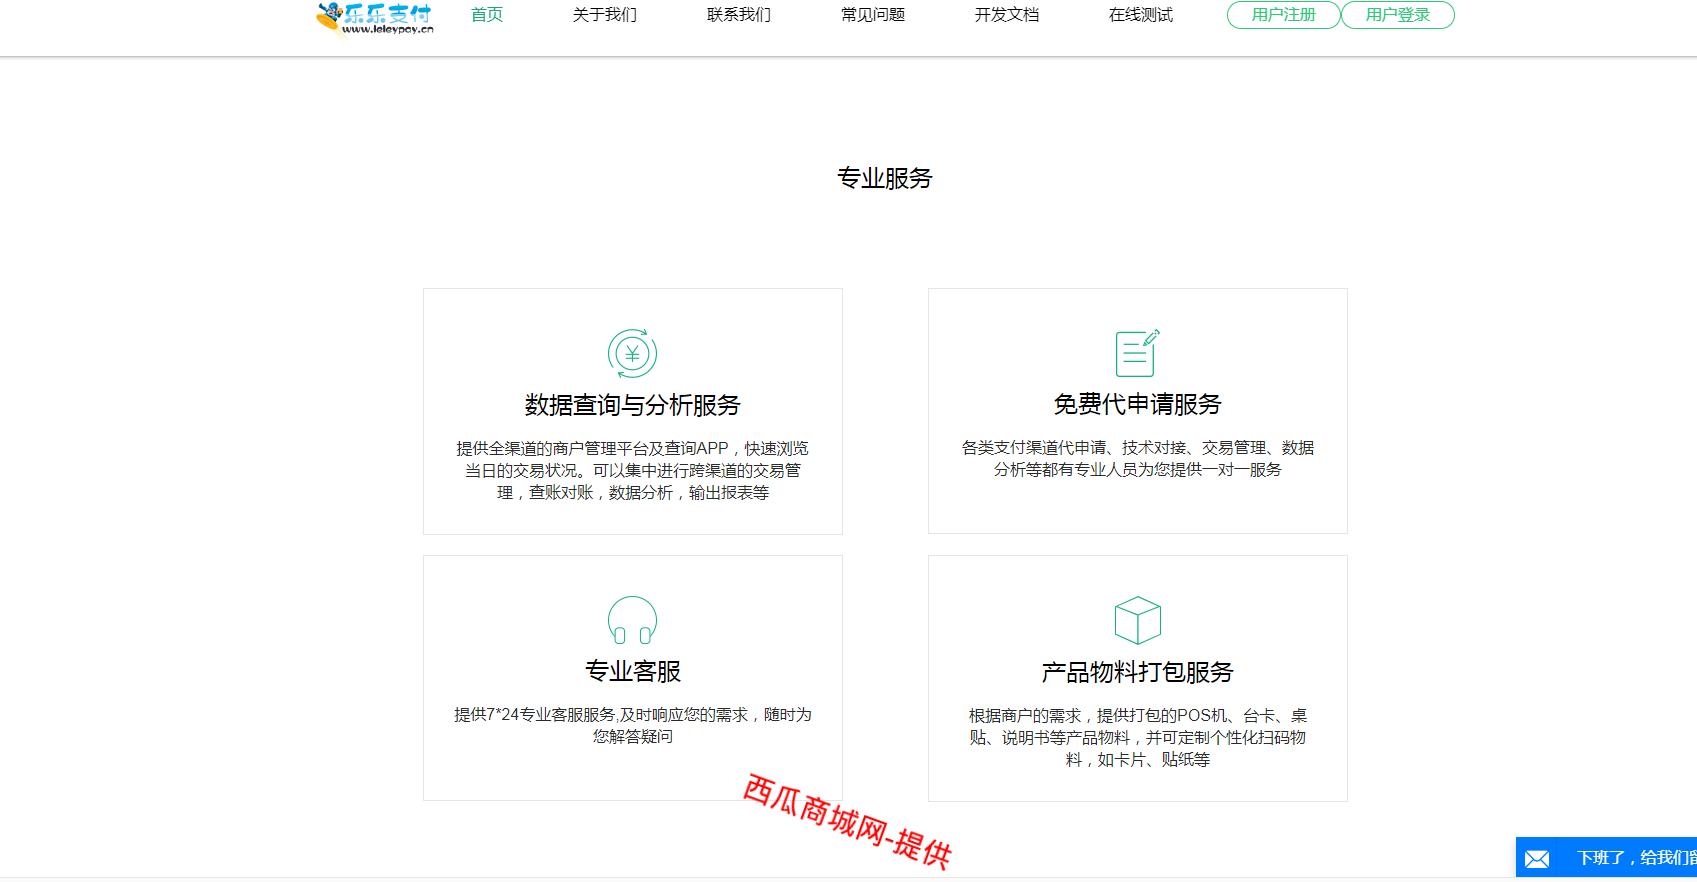 爱收集资源网最新仿乐乐易支付网站模板